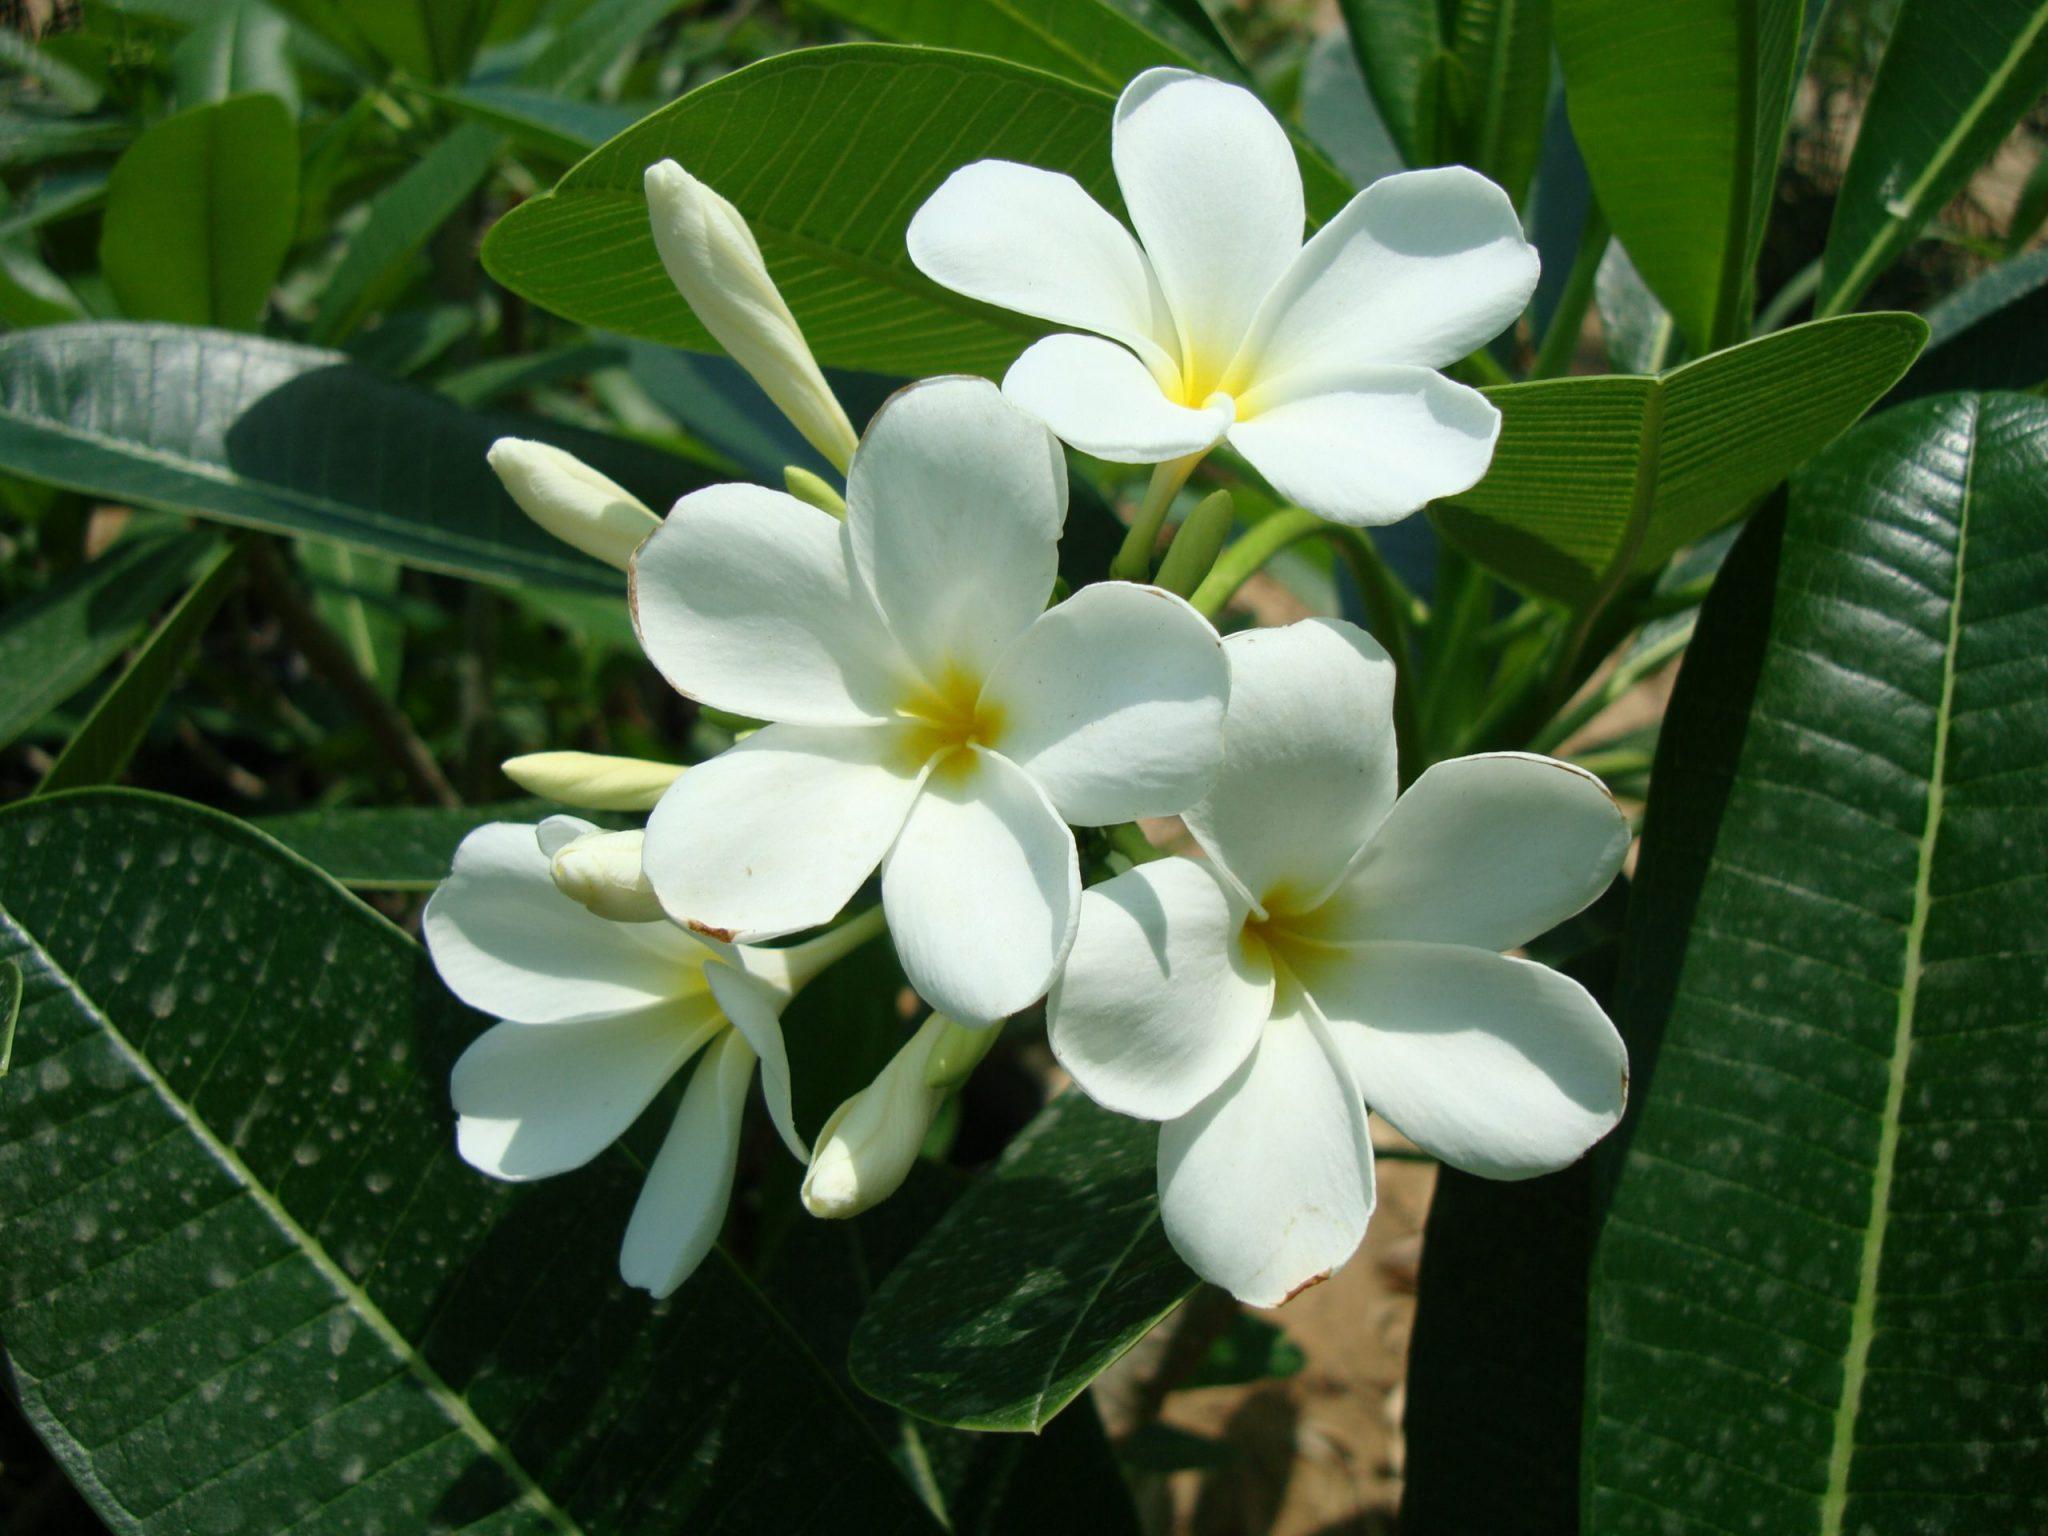 """Plumeria obtusa """"Frangipani or The Temple Tree ."""